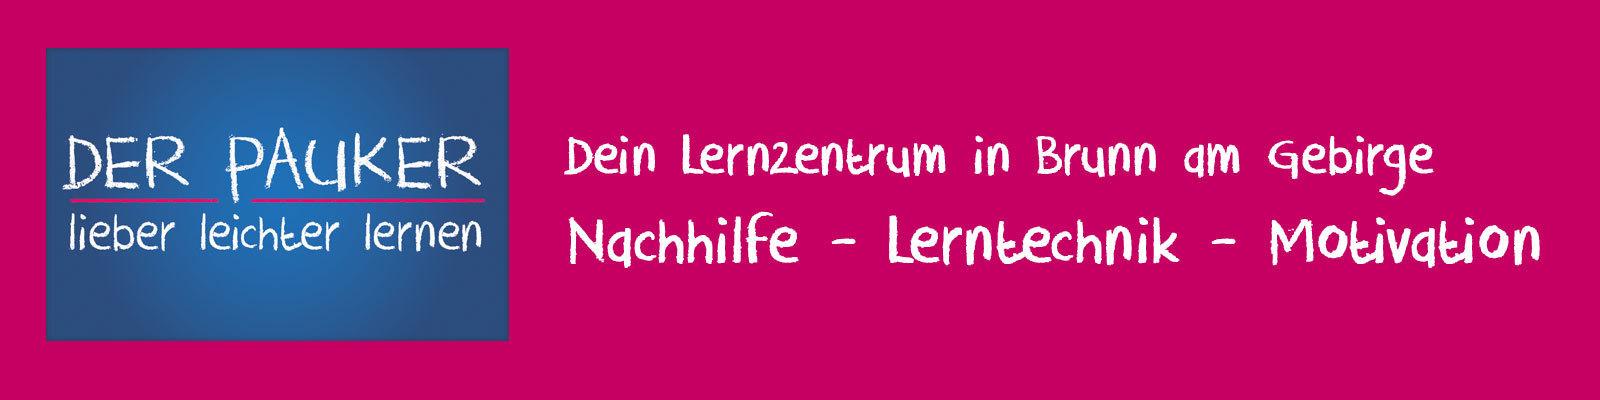 Lernzentrum Der Pauker - Nachhilfe - Lerntechnik -Motivation